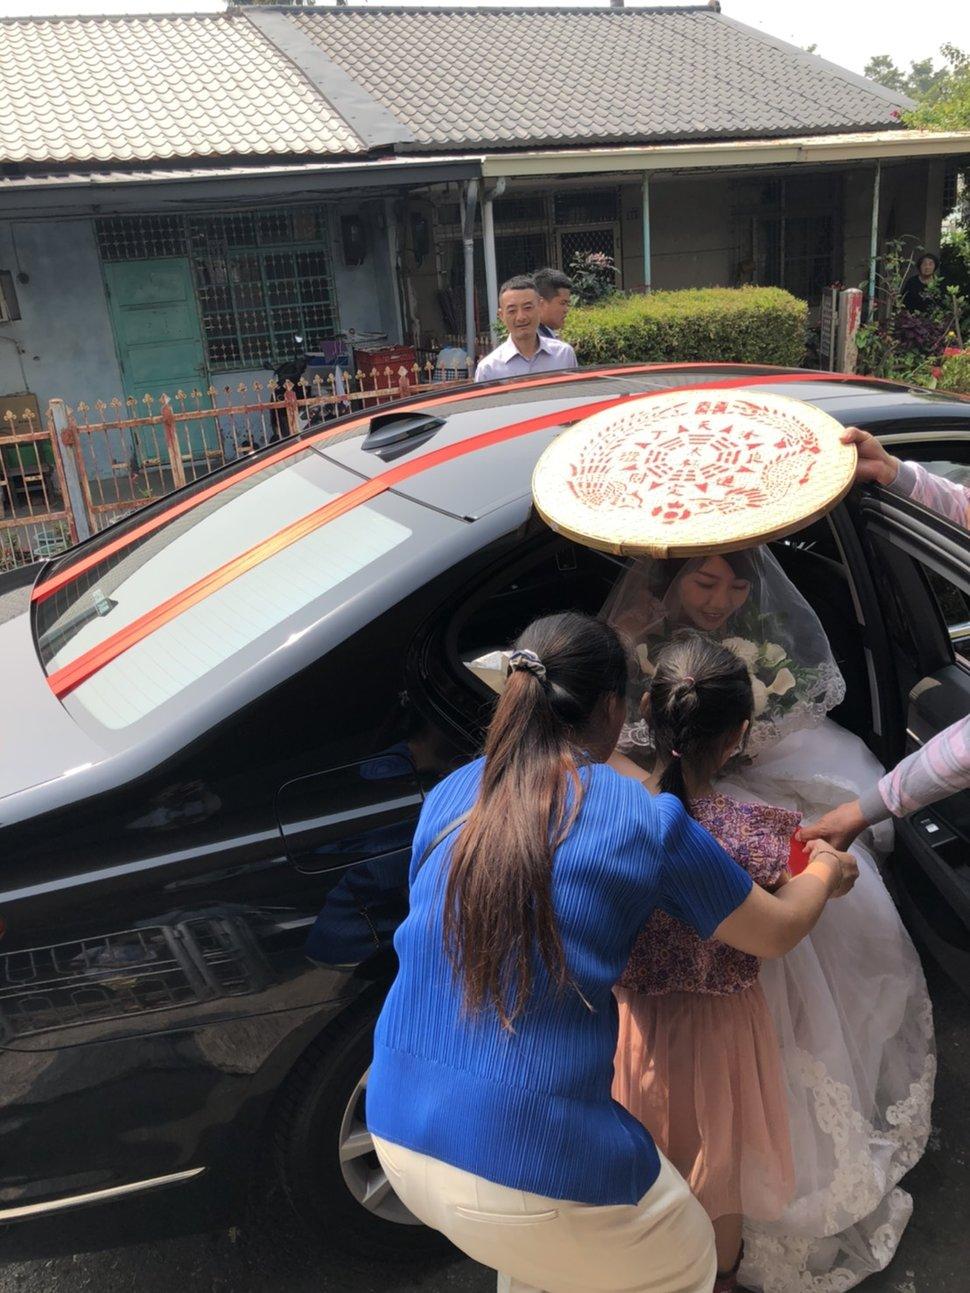 IMG_7170 - 幸福結婚禮車出租《結婚吧》